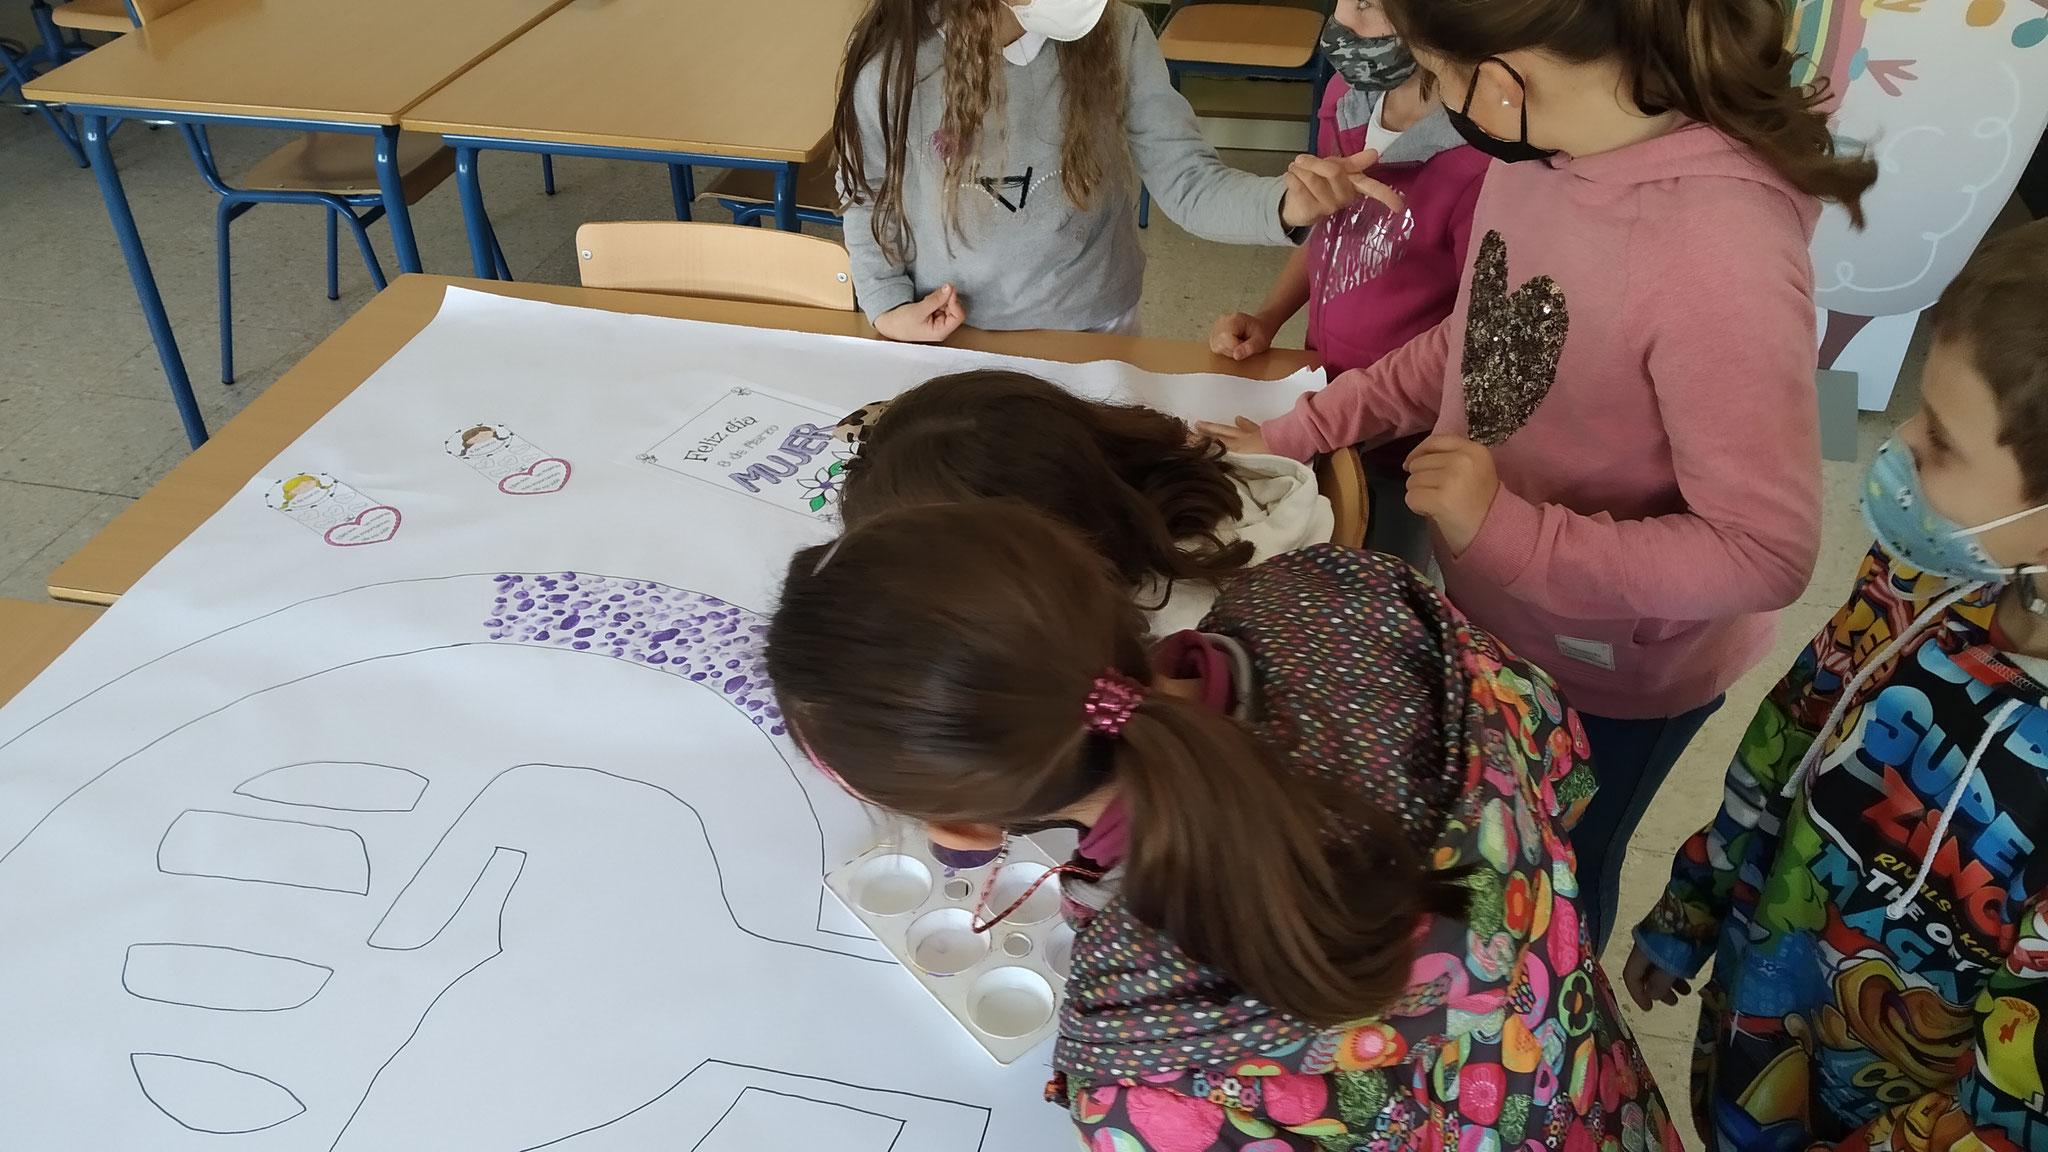 El alumnado de primaria puso su huella también como compromiso para la igualdad de género y conmemorar el día